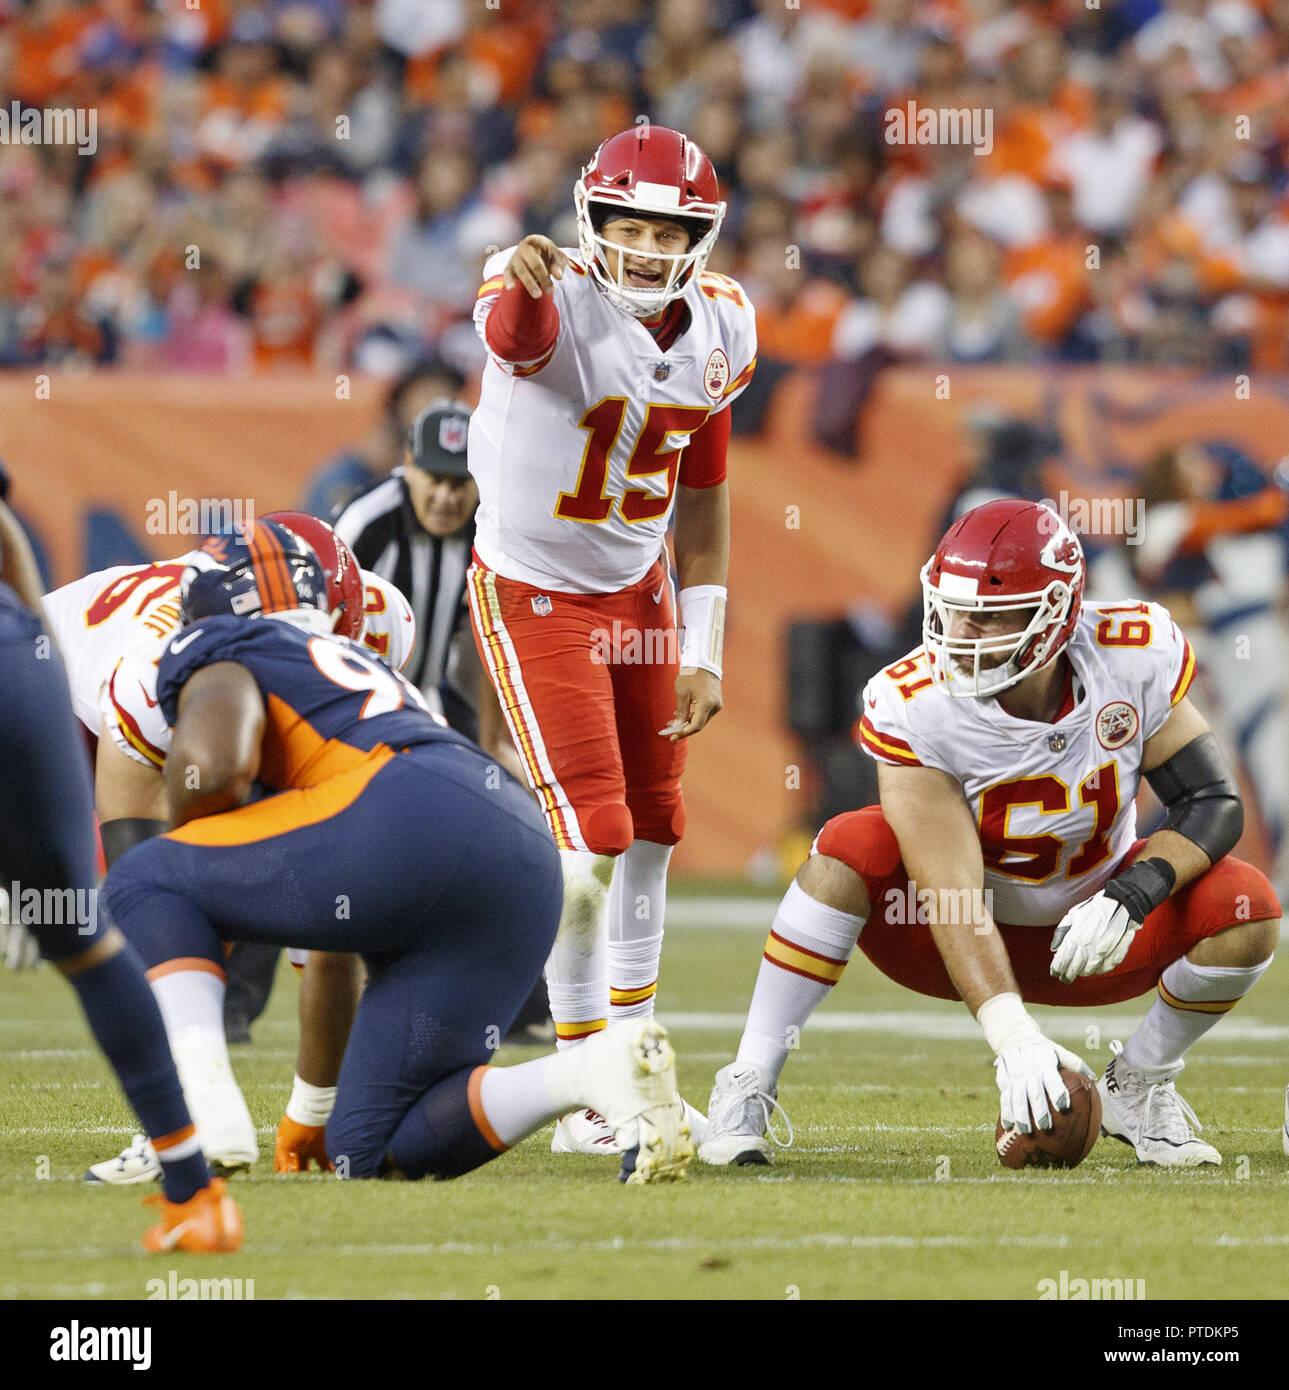 Chiefs Broncos Stock Photos & Chiefs Broncos Stock Images